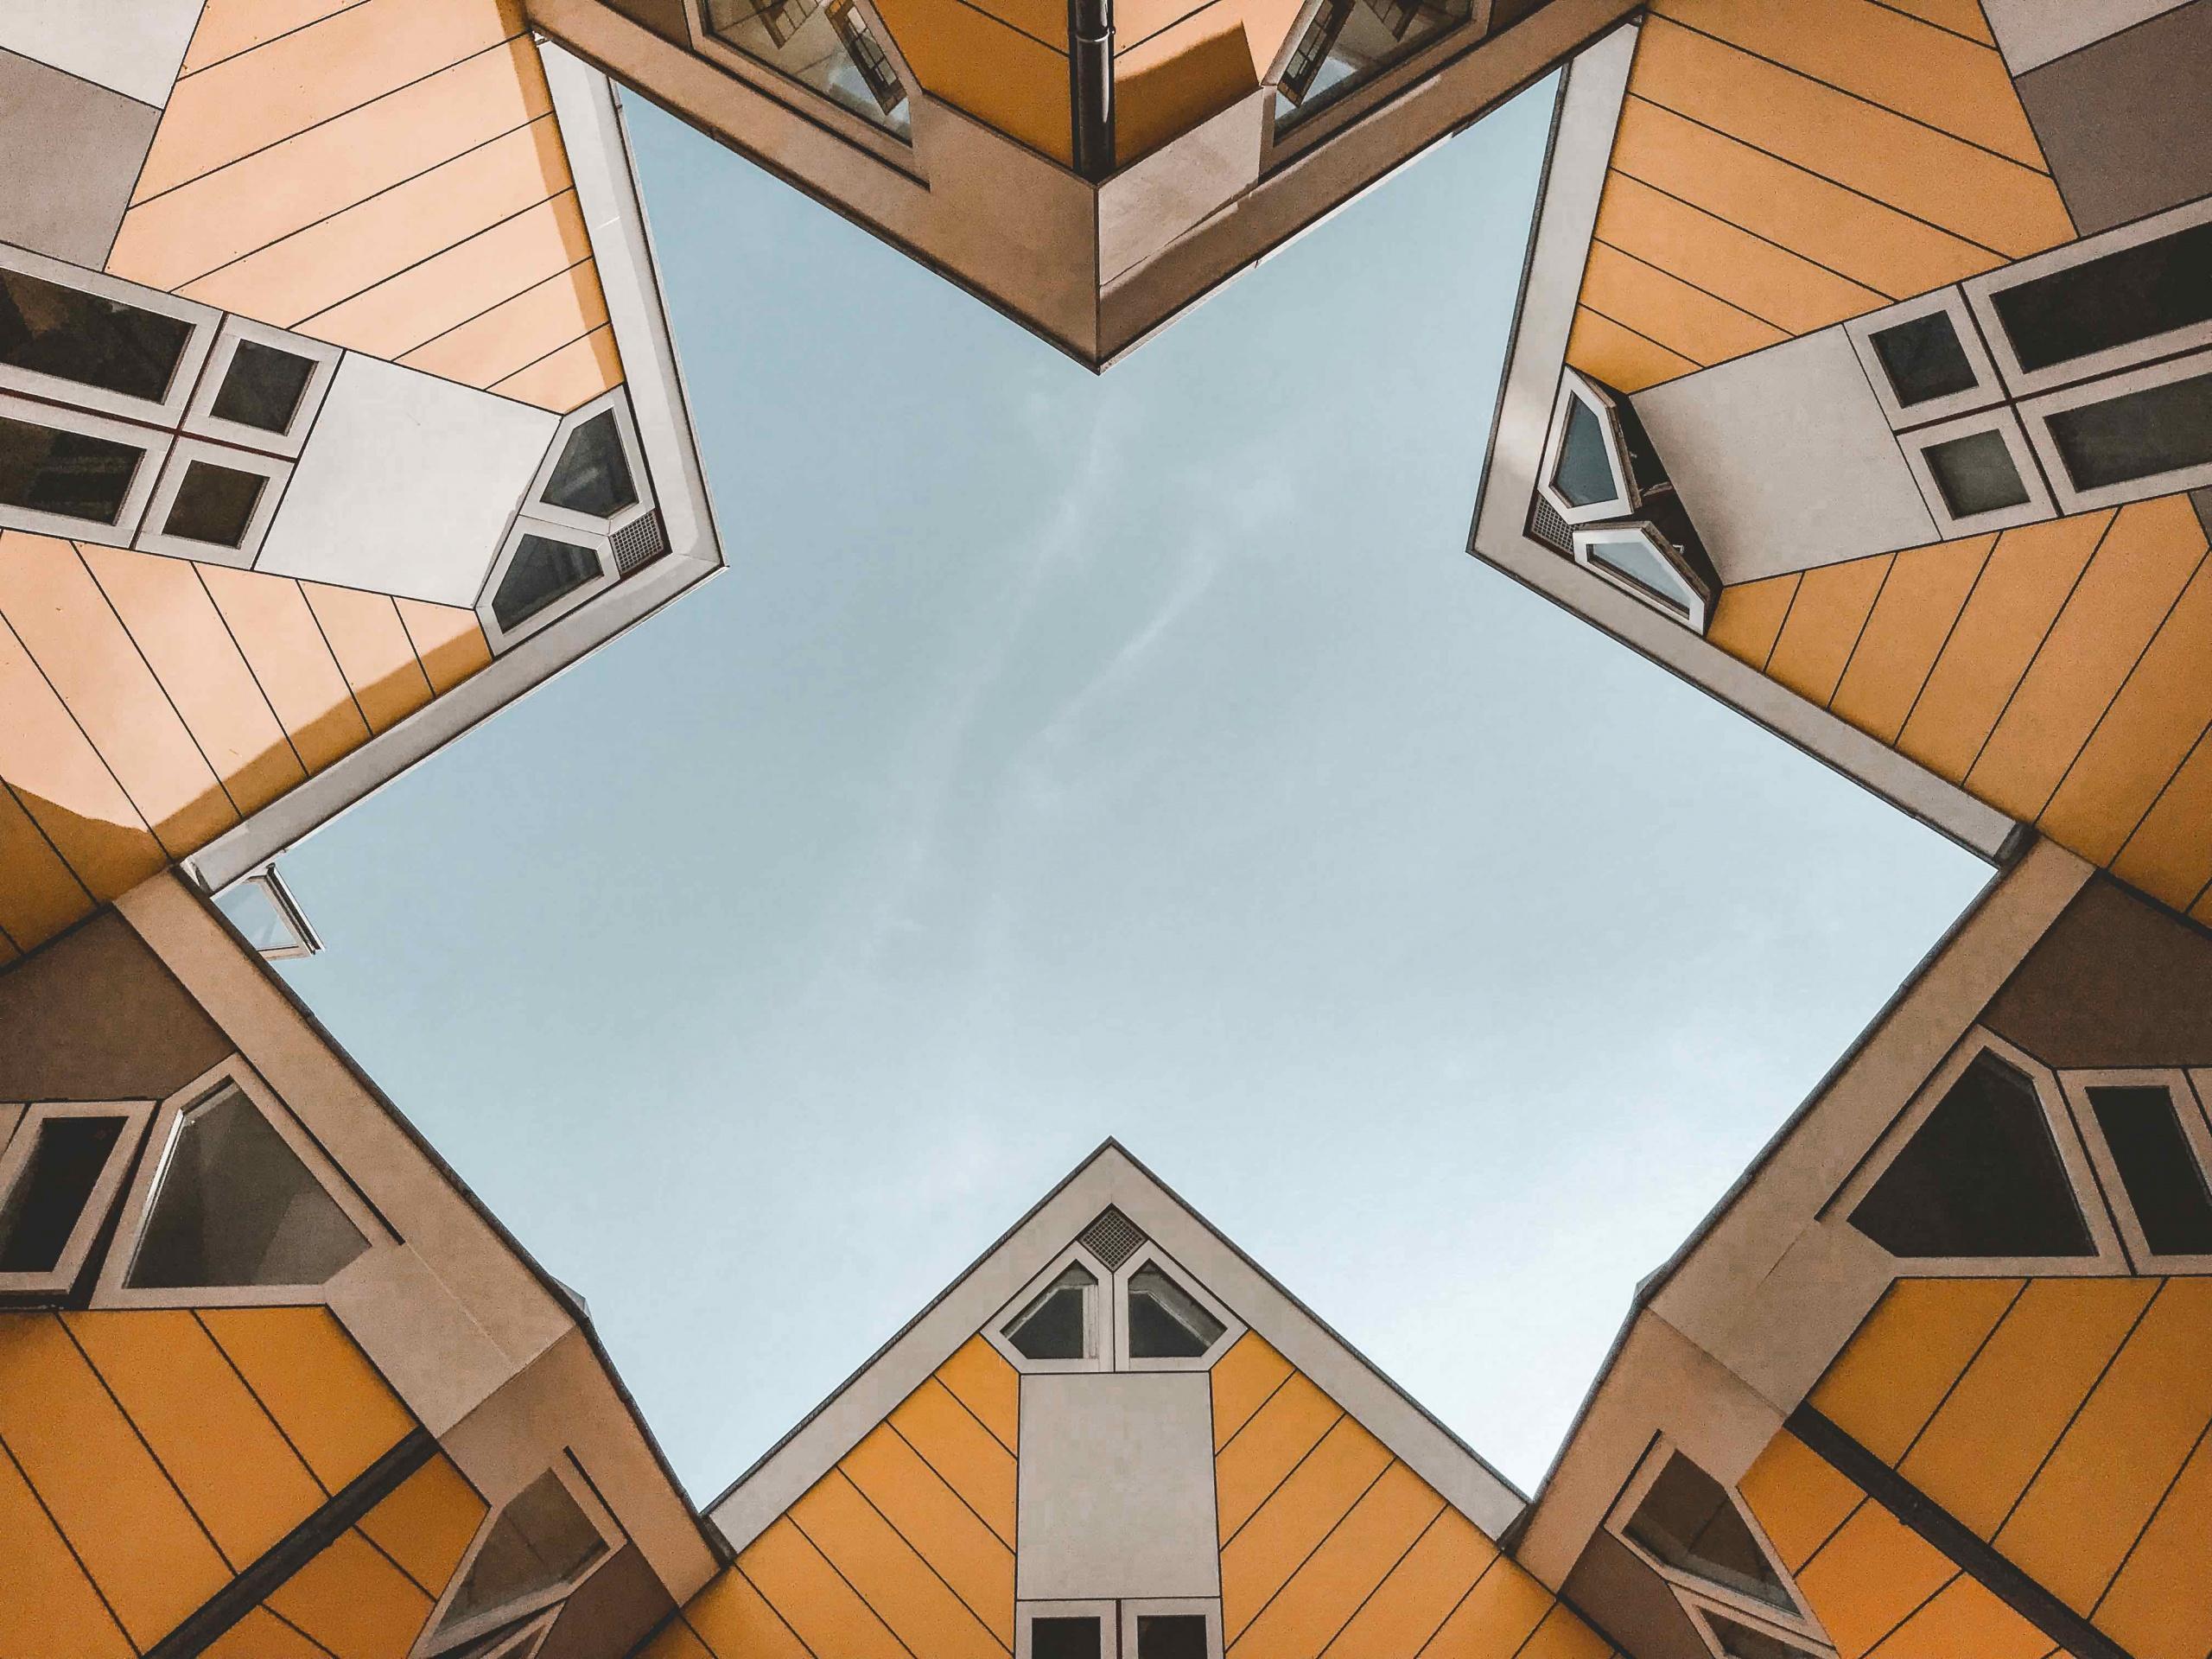 itinerario architettonico di Rotterdam: vista dal basso delle case cubiche